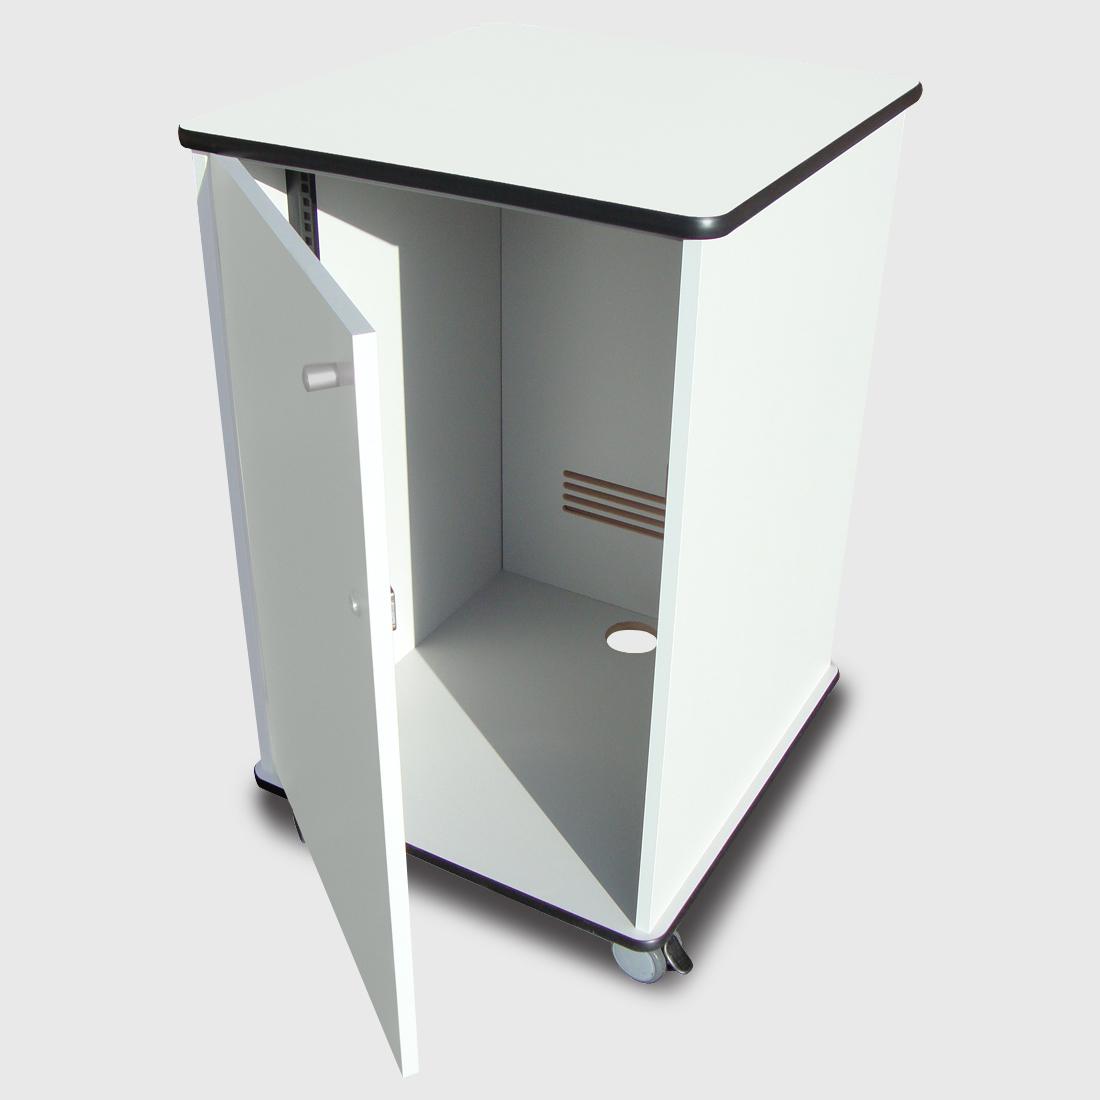 cabinet profile cabinets salamander lowprofile designs av miami low crop